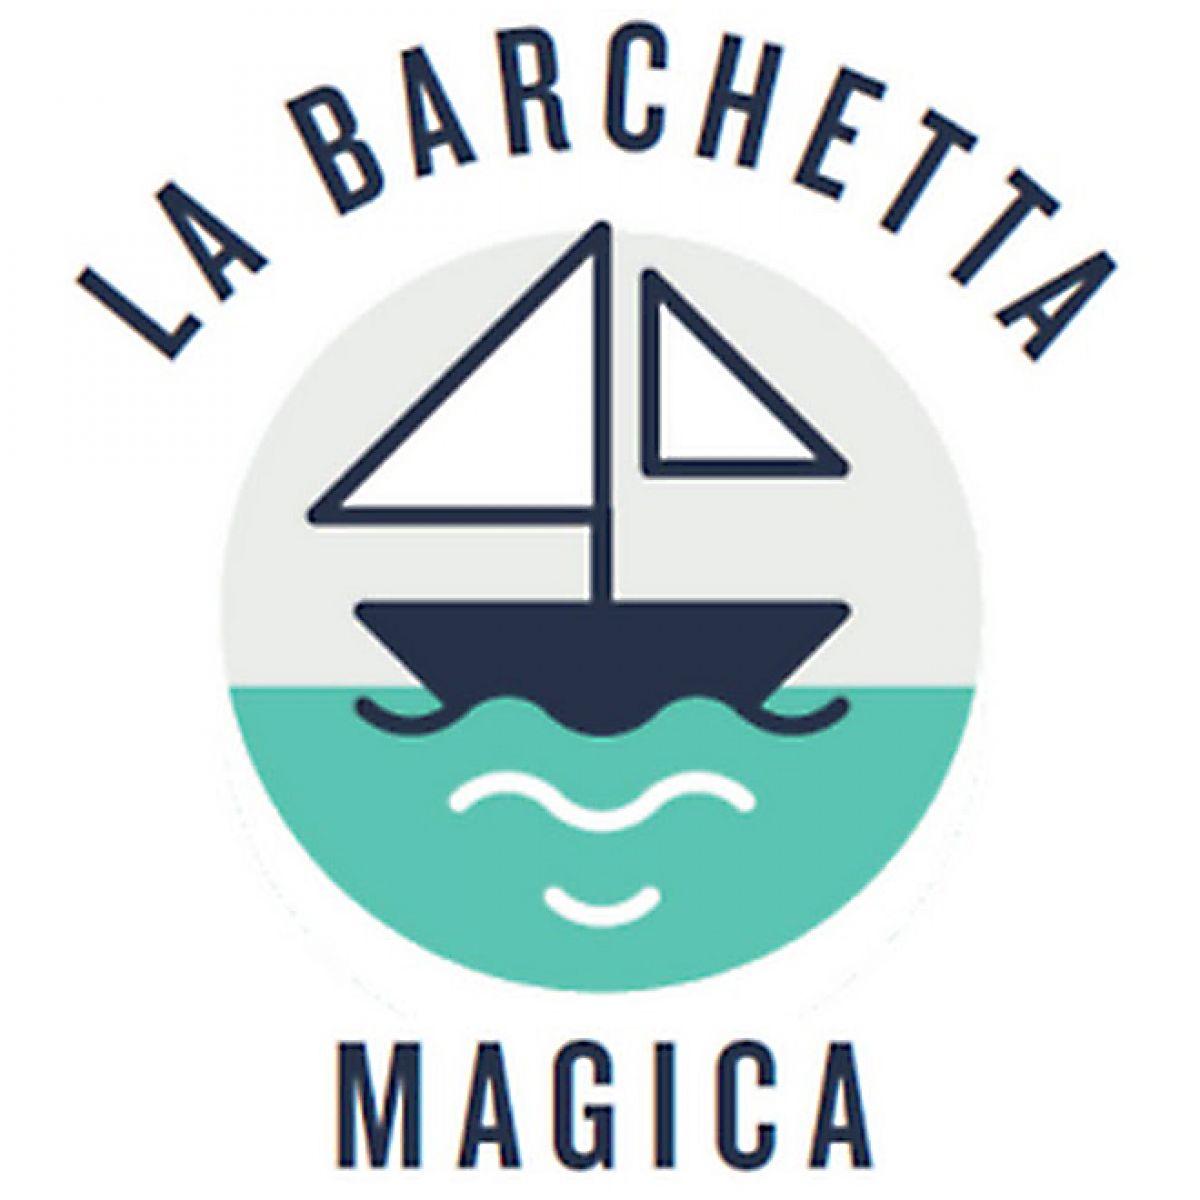 La Barchetta magica